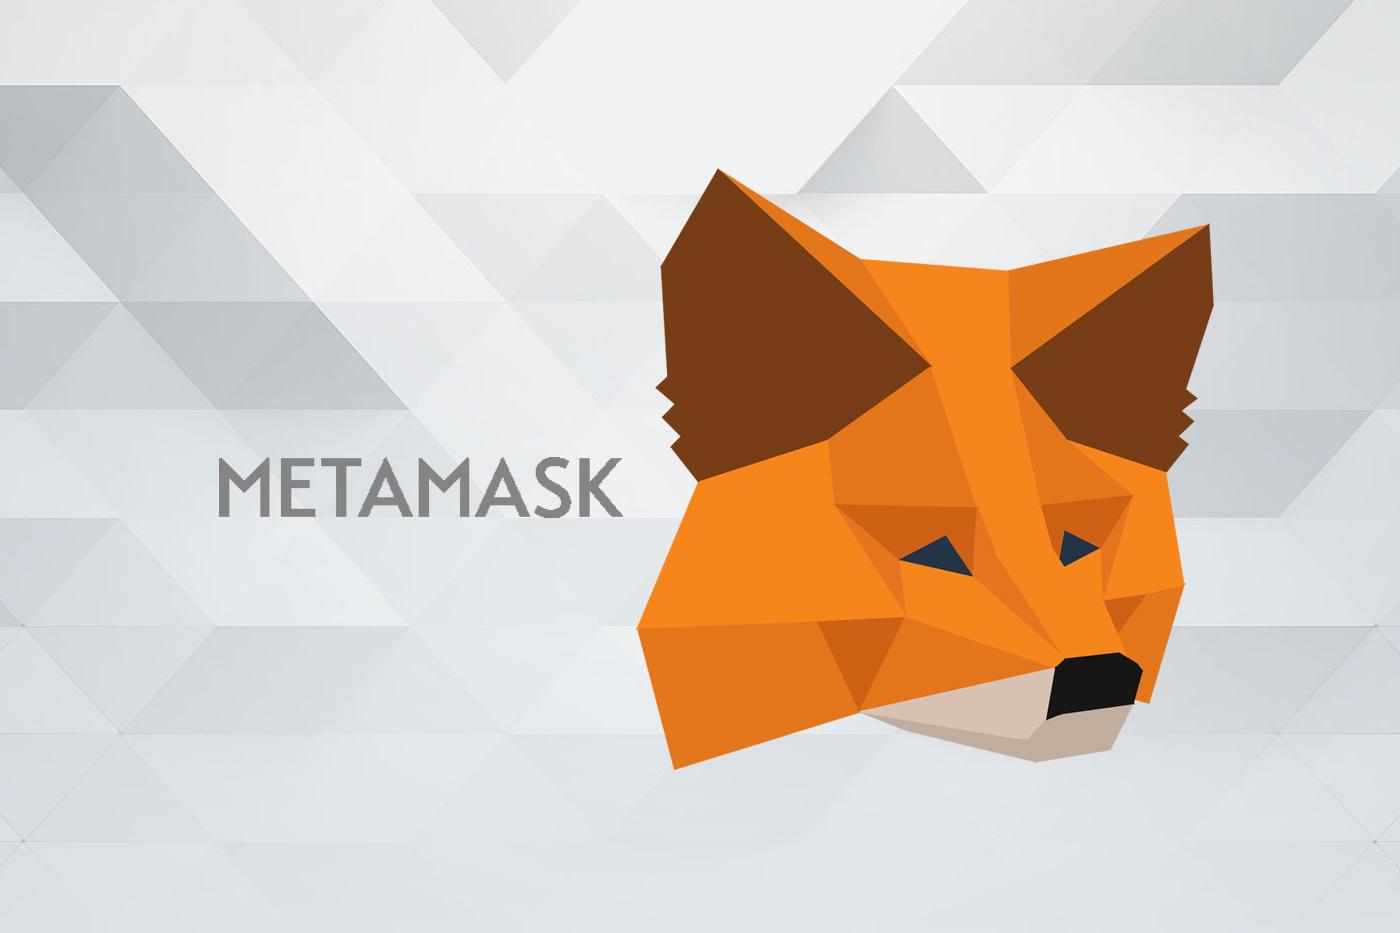 Billetera Metamask